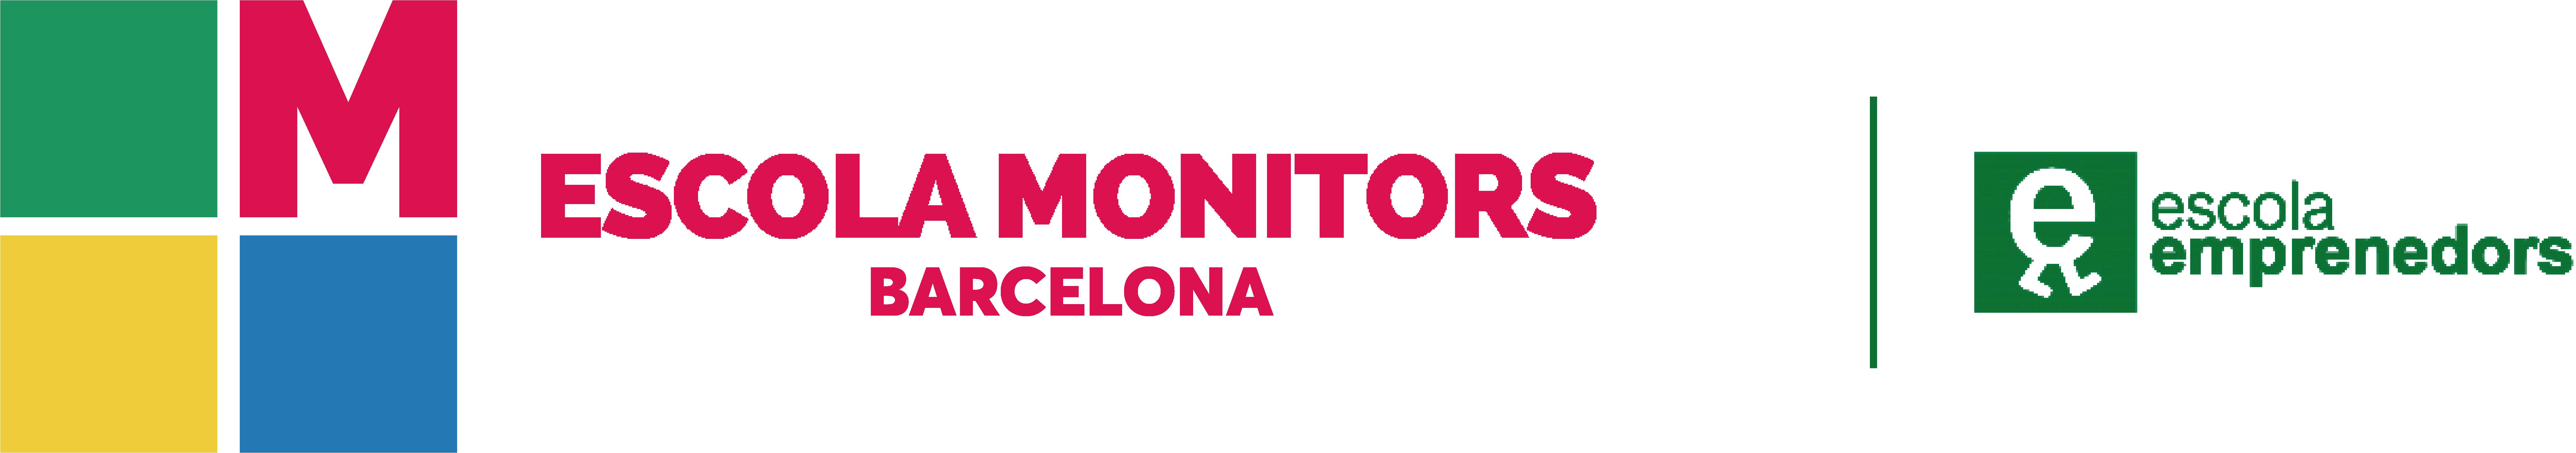 Escola de monitors de BCN